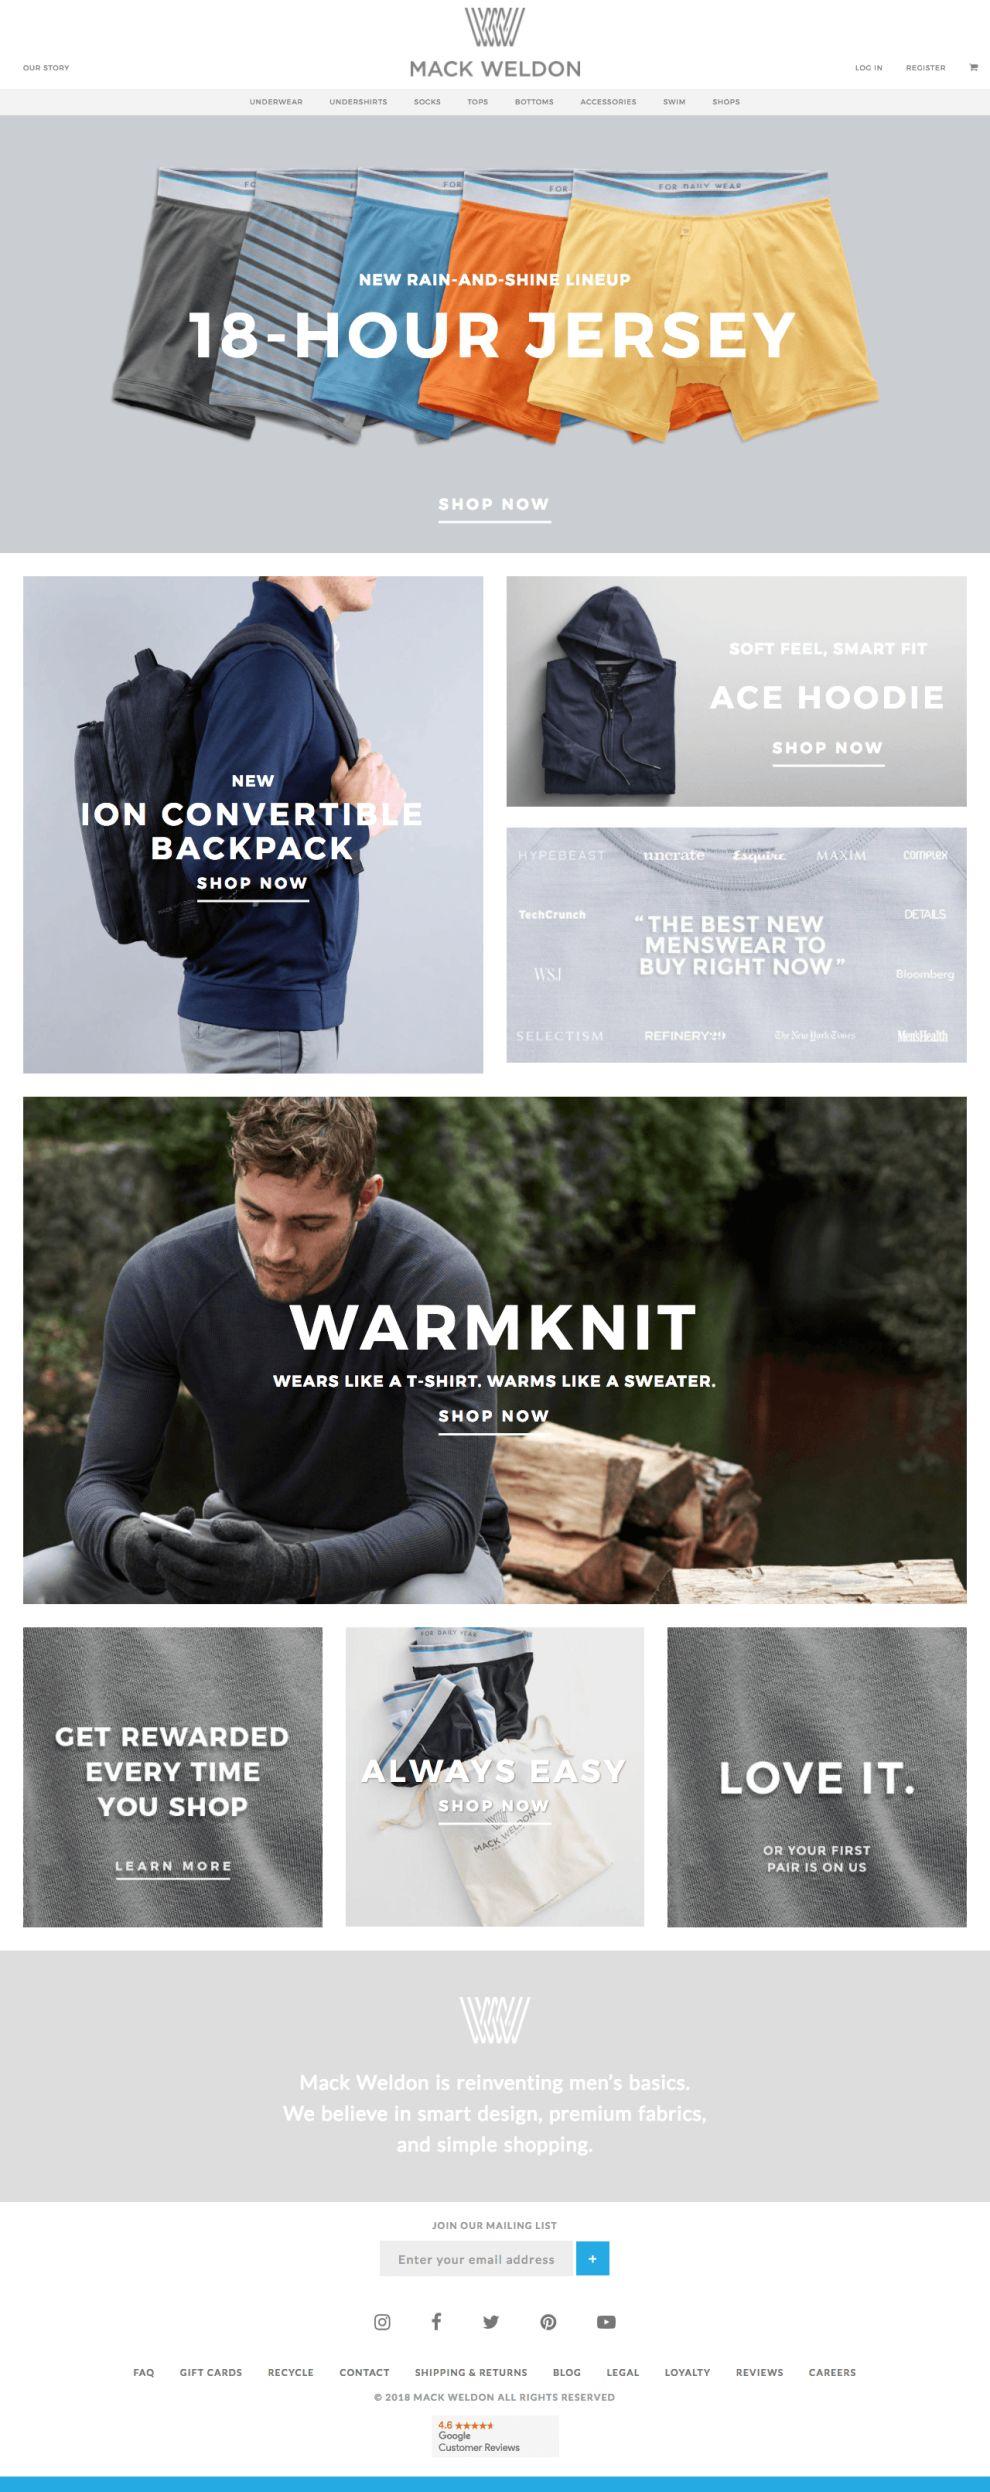 Mack Weldon Website Design Homepage